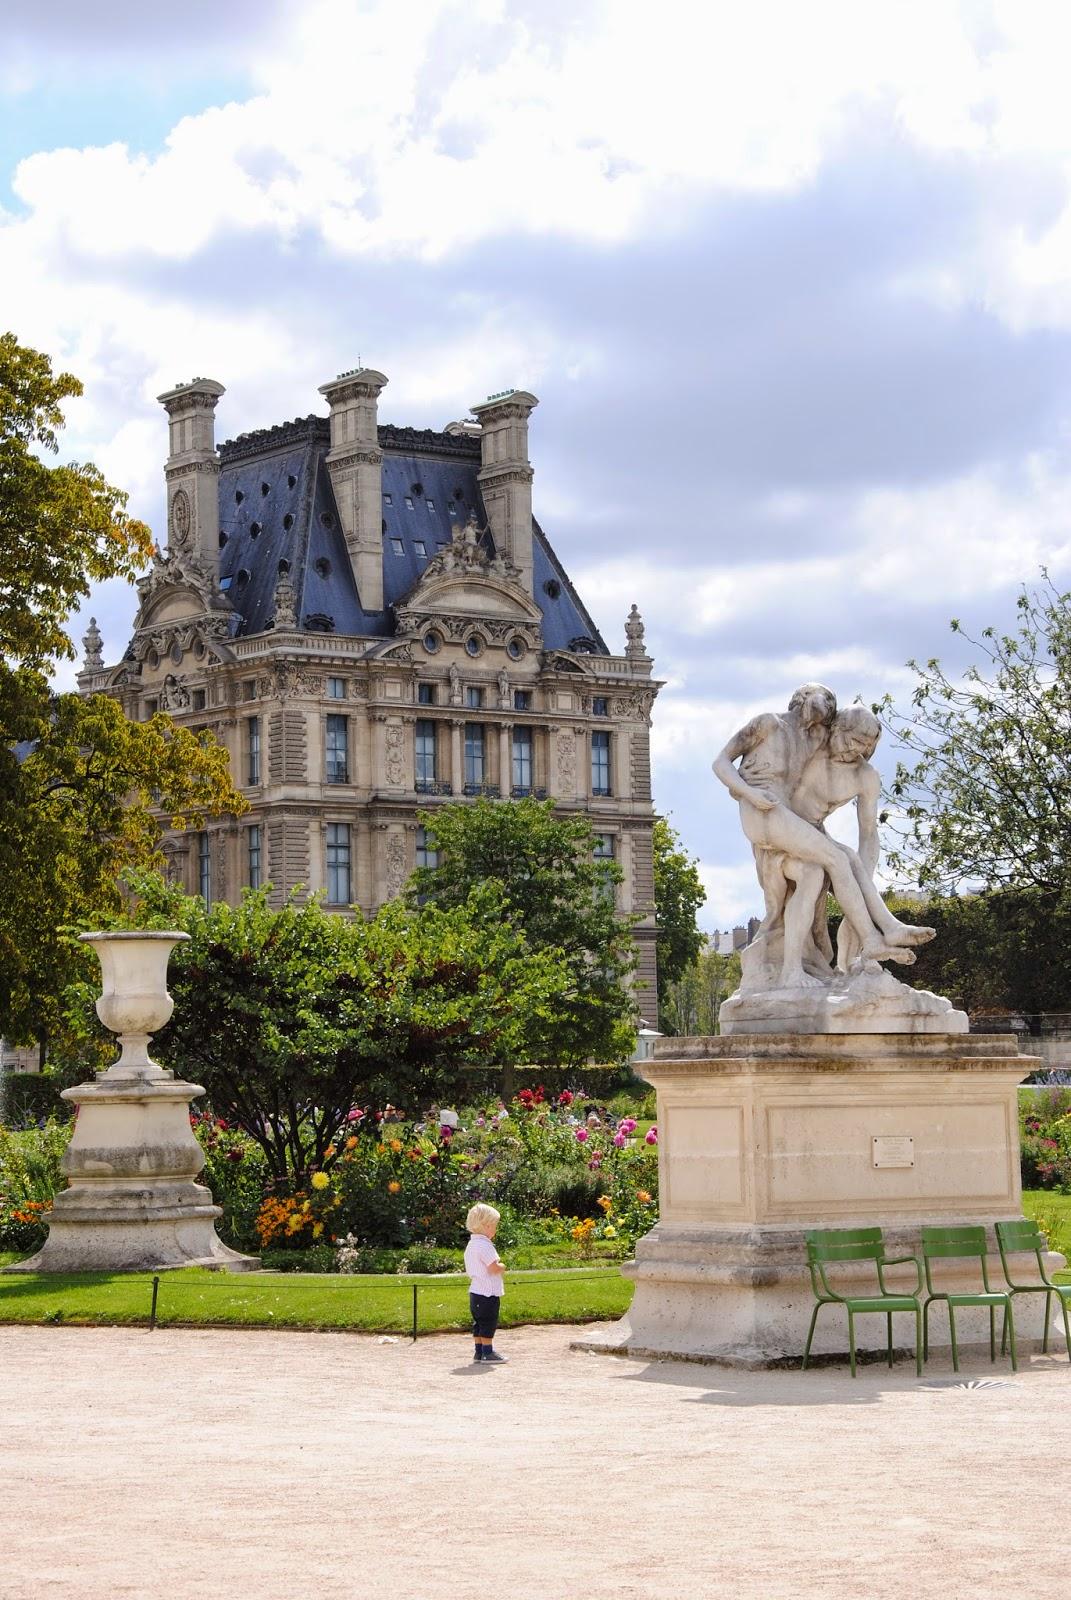 Agenzia viaggi gabritour settembre 2014 for Jardin de la tuilerie